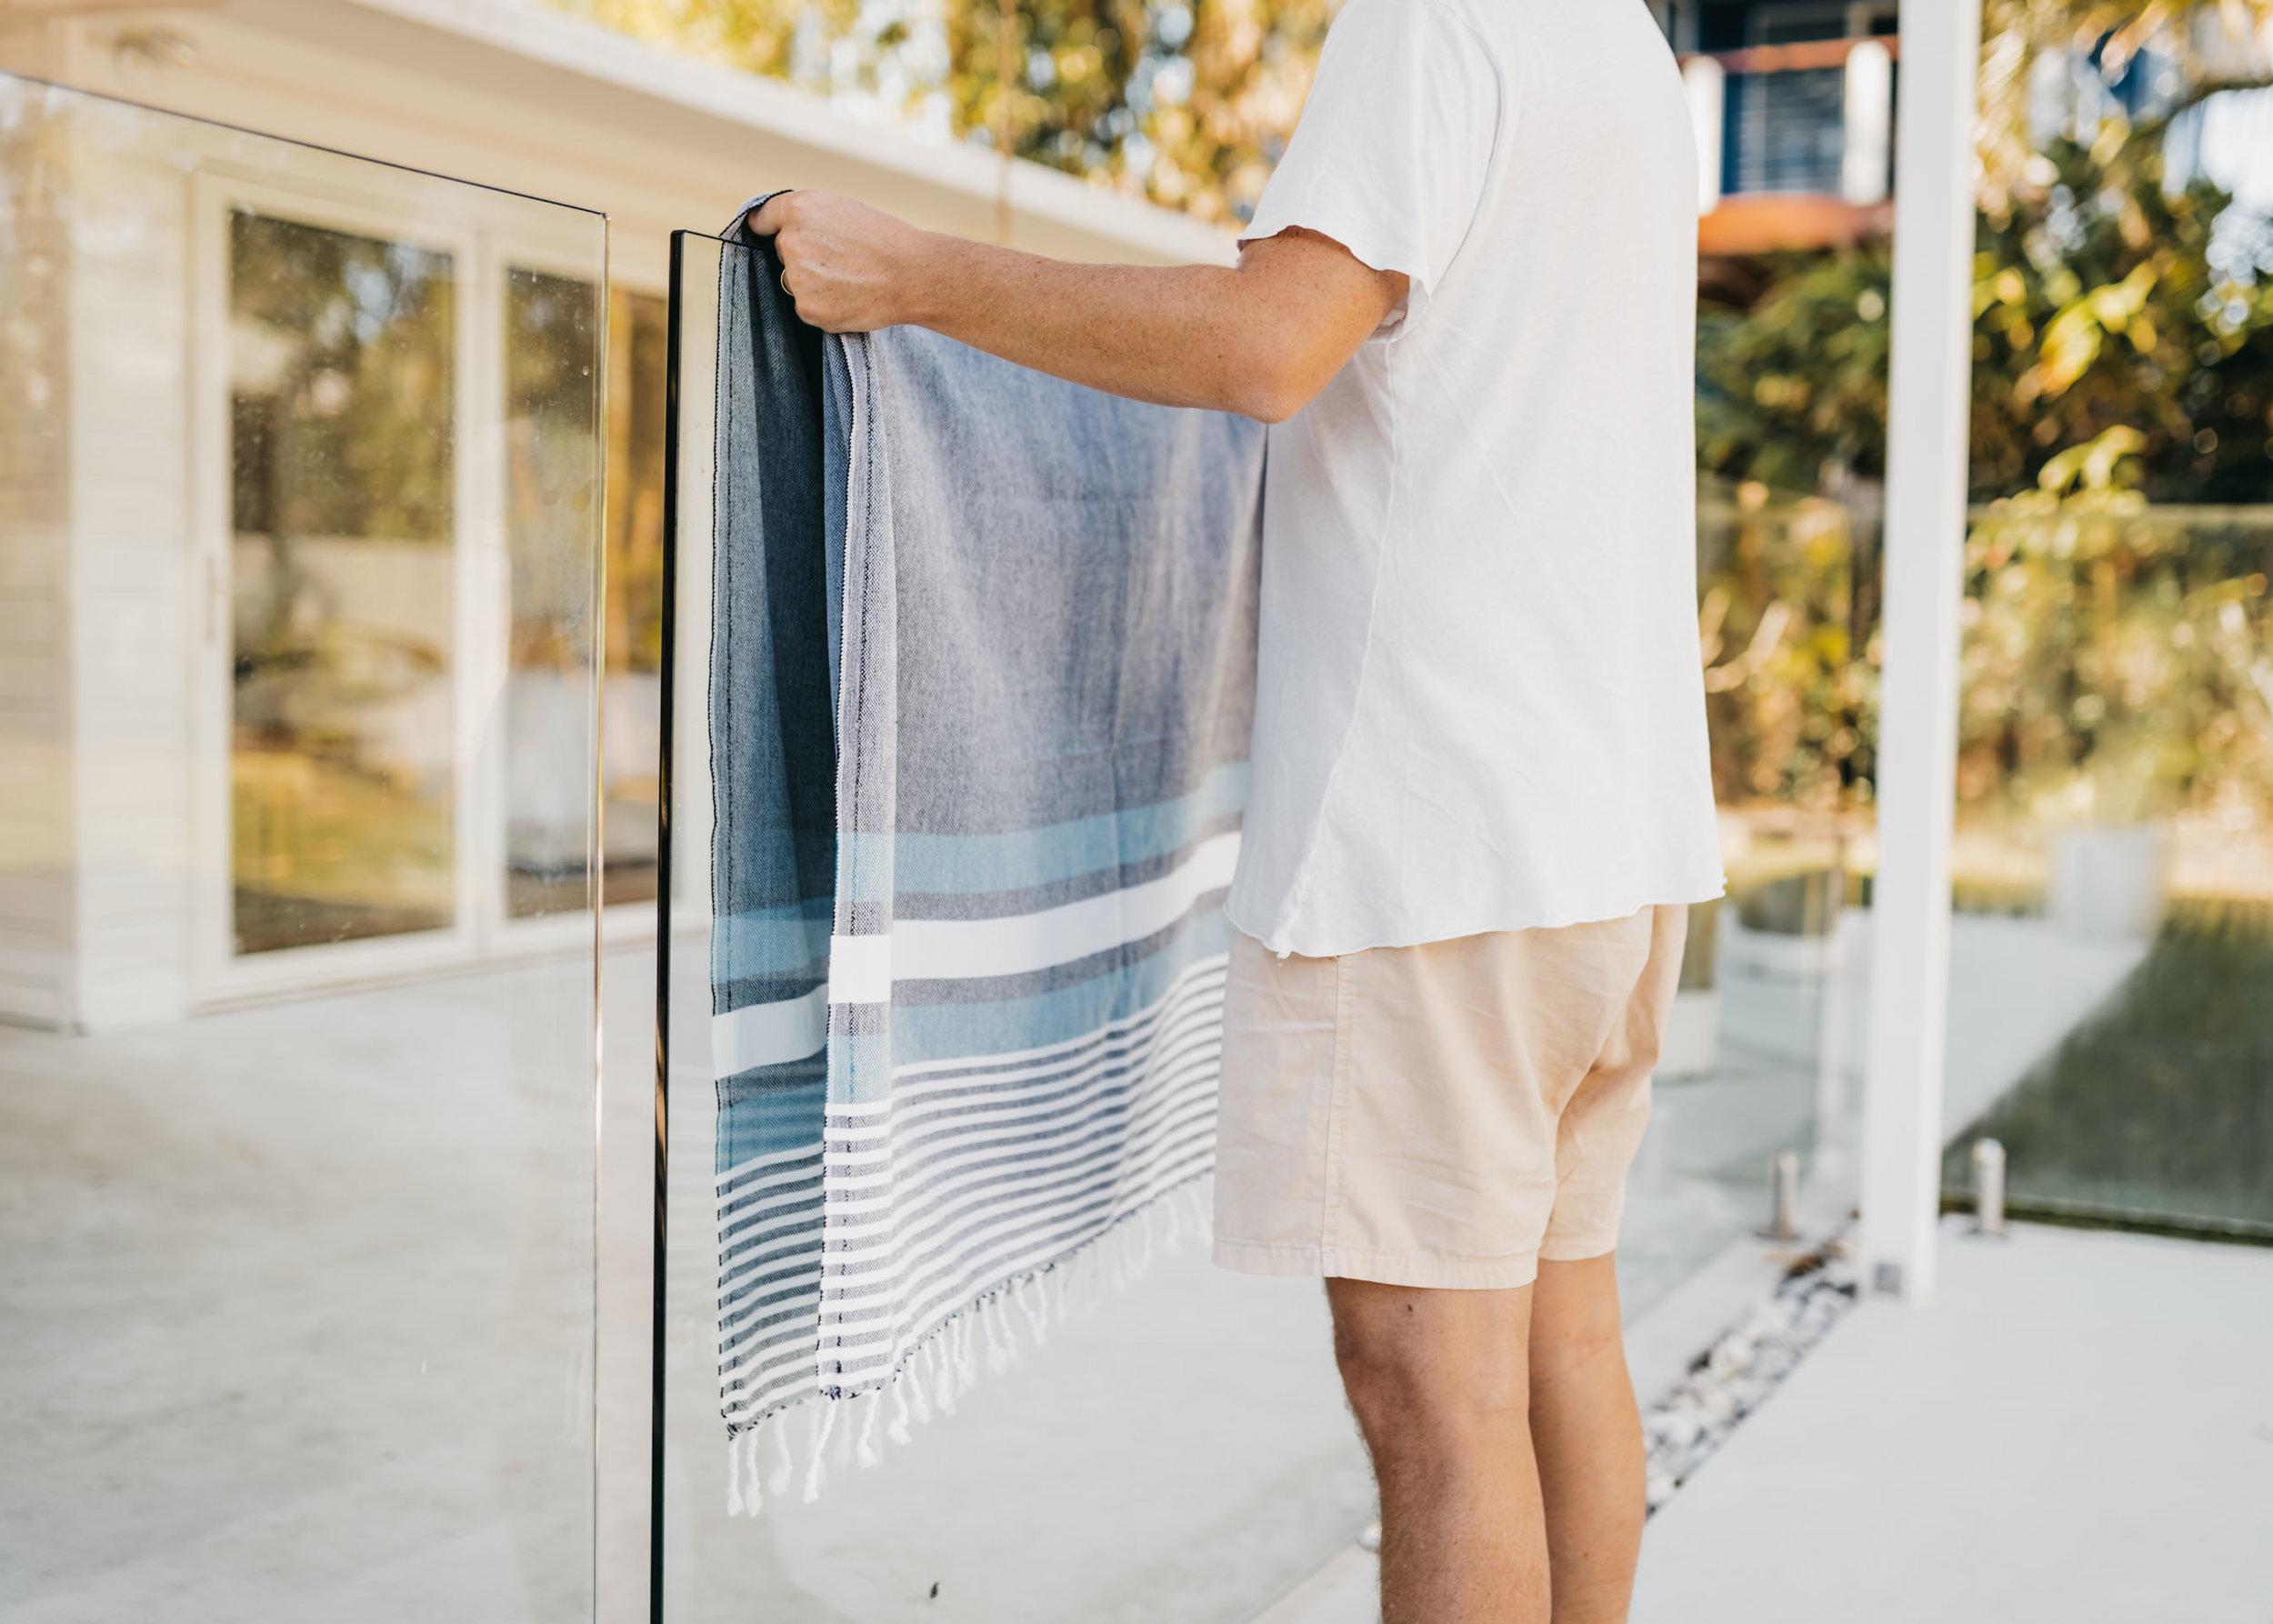 keira-mason-aegean-loom-turkish-towels-blue-poolside.jpg